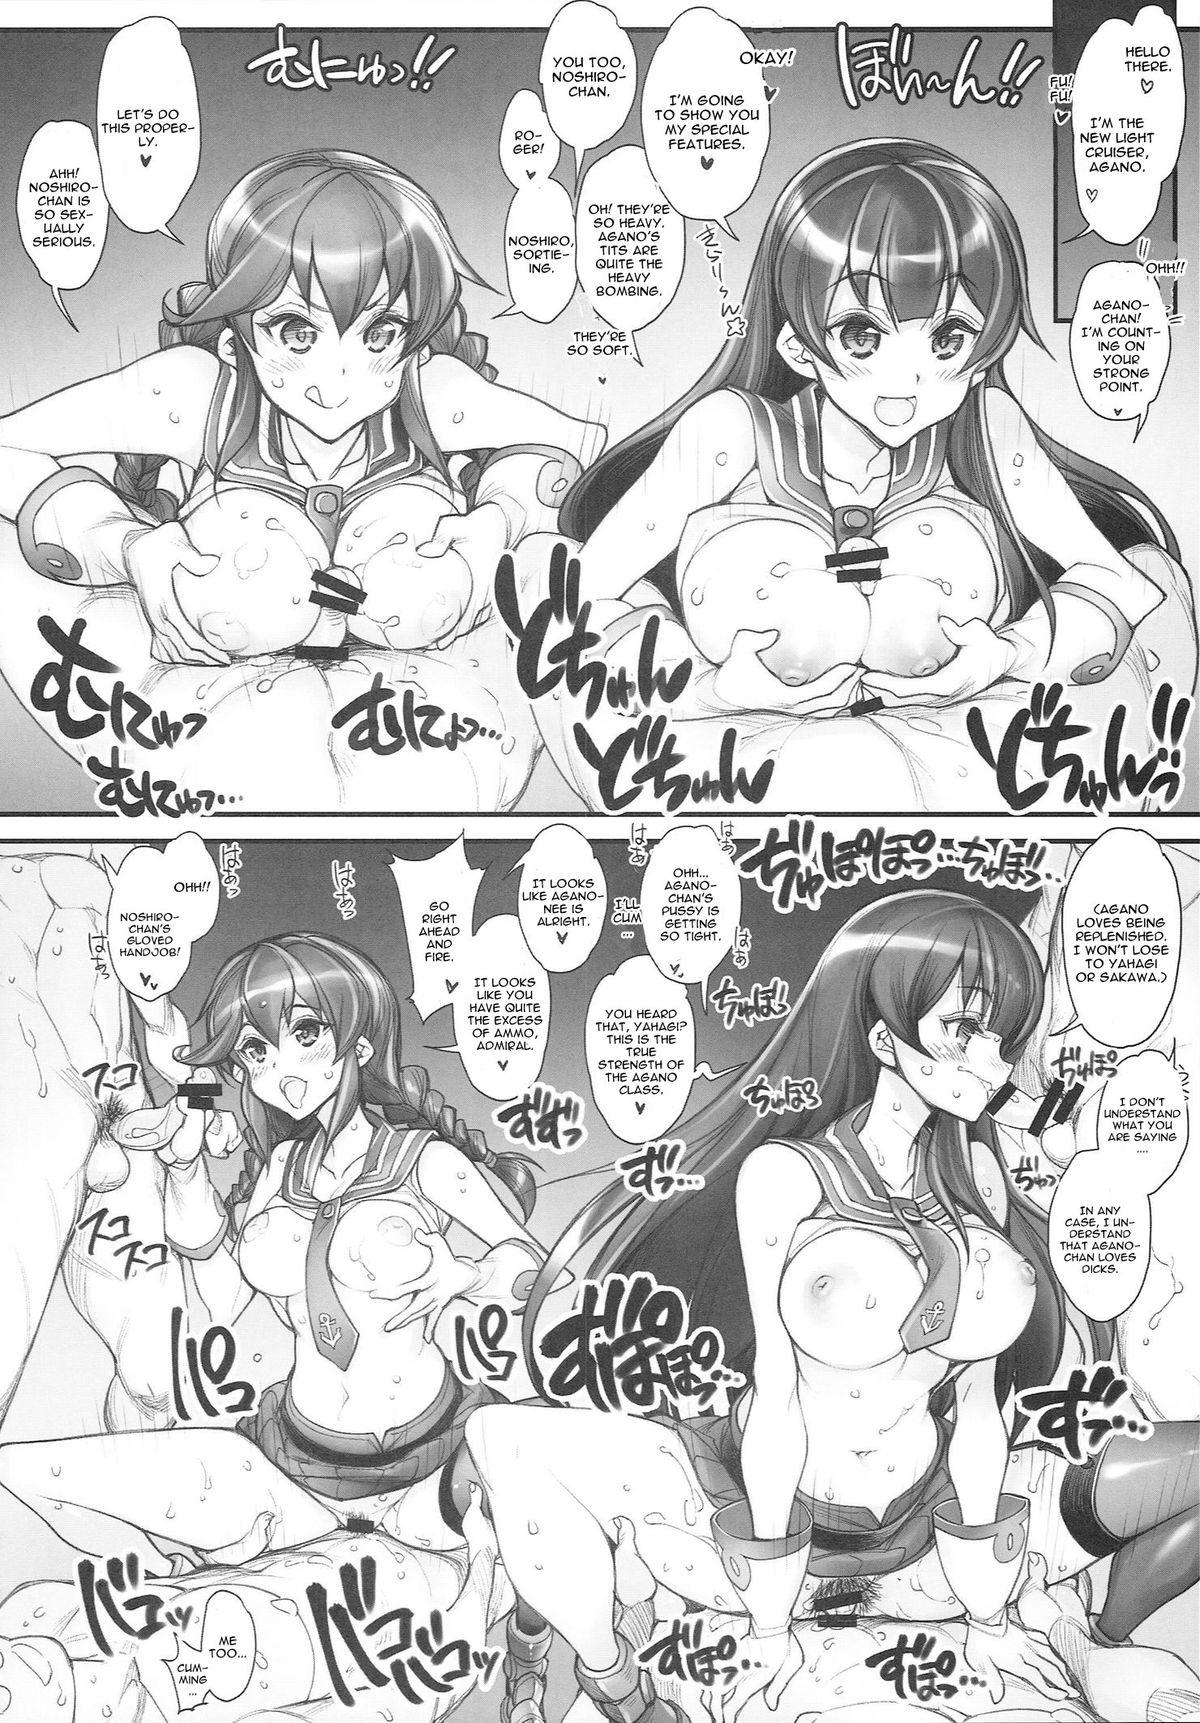 (CT25) [Kashiwa-ya (Hiyo Hiyo)] KanColle -SEX FLEET COLLECTION- Kan-musu Catalog (Kantai Collection -KanColle-) [English] [CGRascal] 32